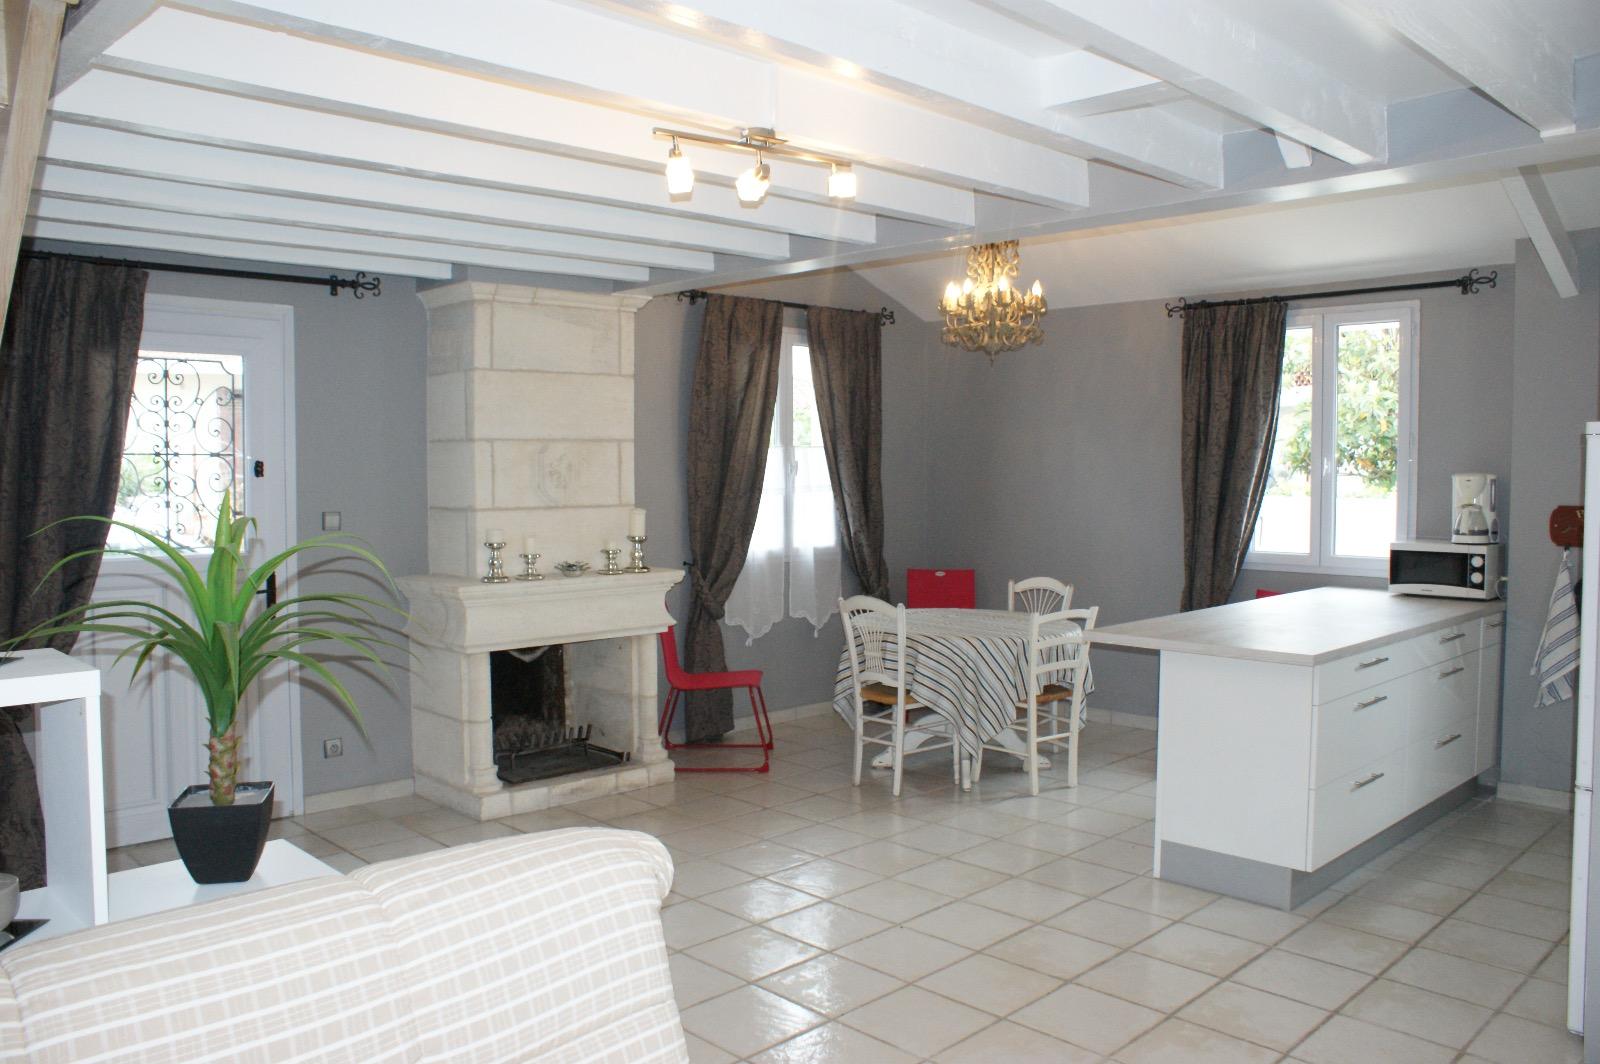 vente appartement arcachon 33120 70m avec 2 pi ce s dont 1 chambre s passion immo d co. Black Bedroom Furniture Sets. Home Design Ideas